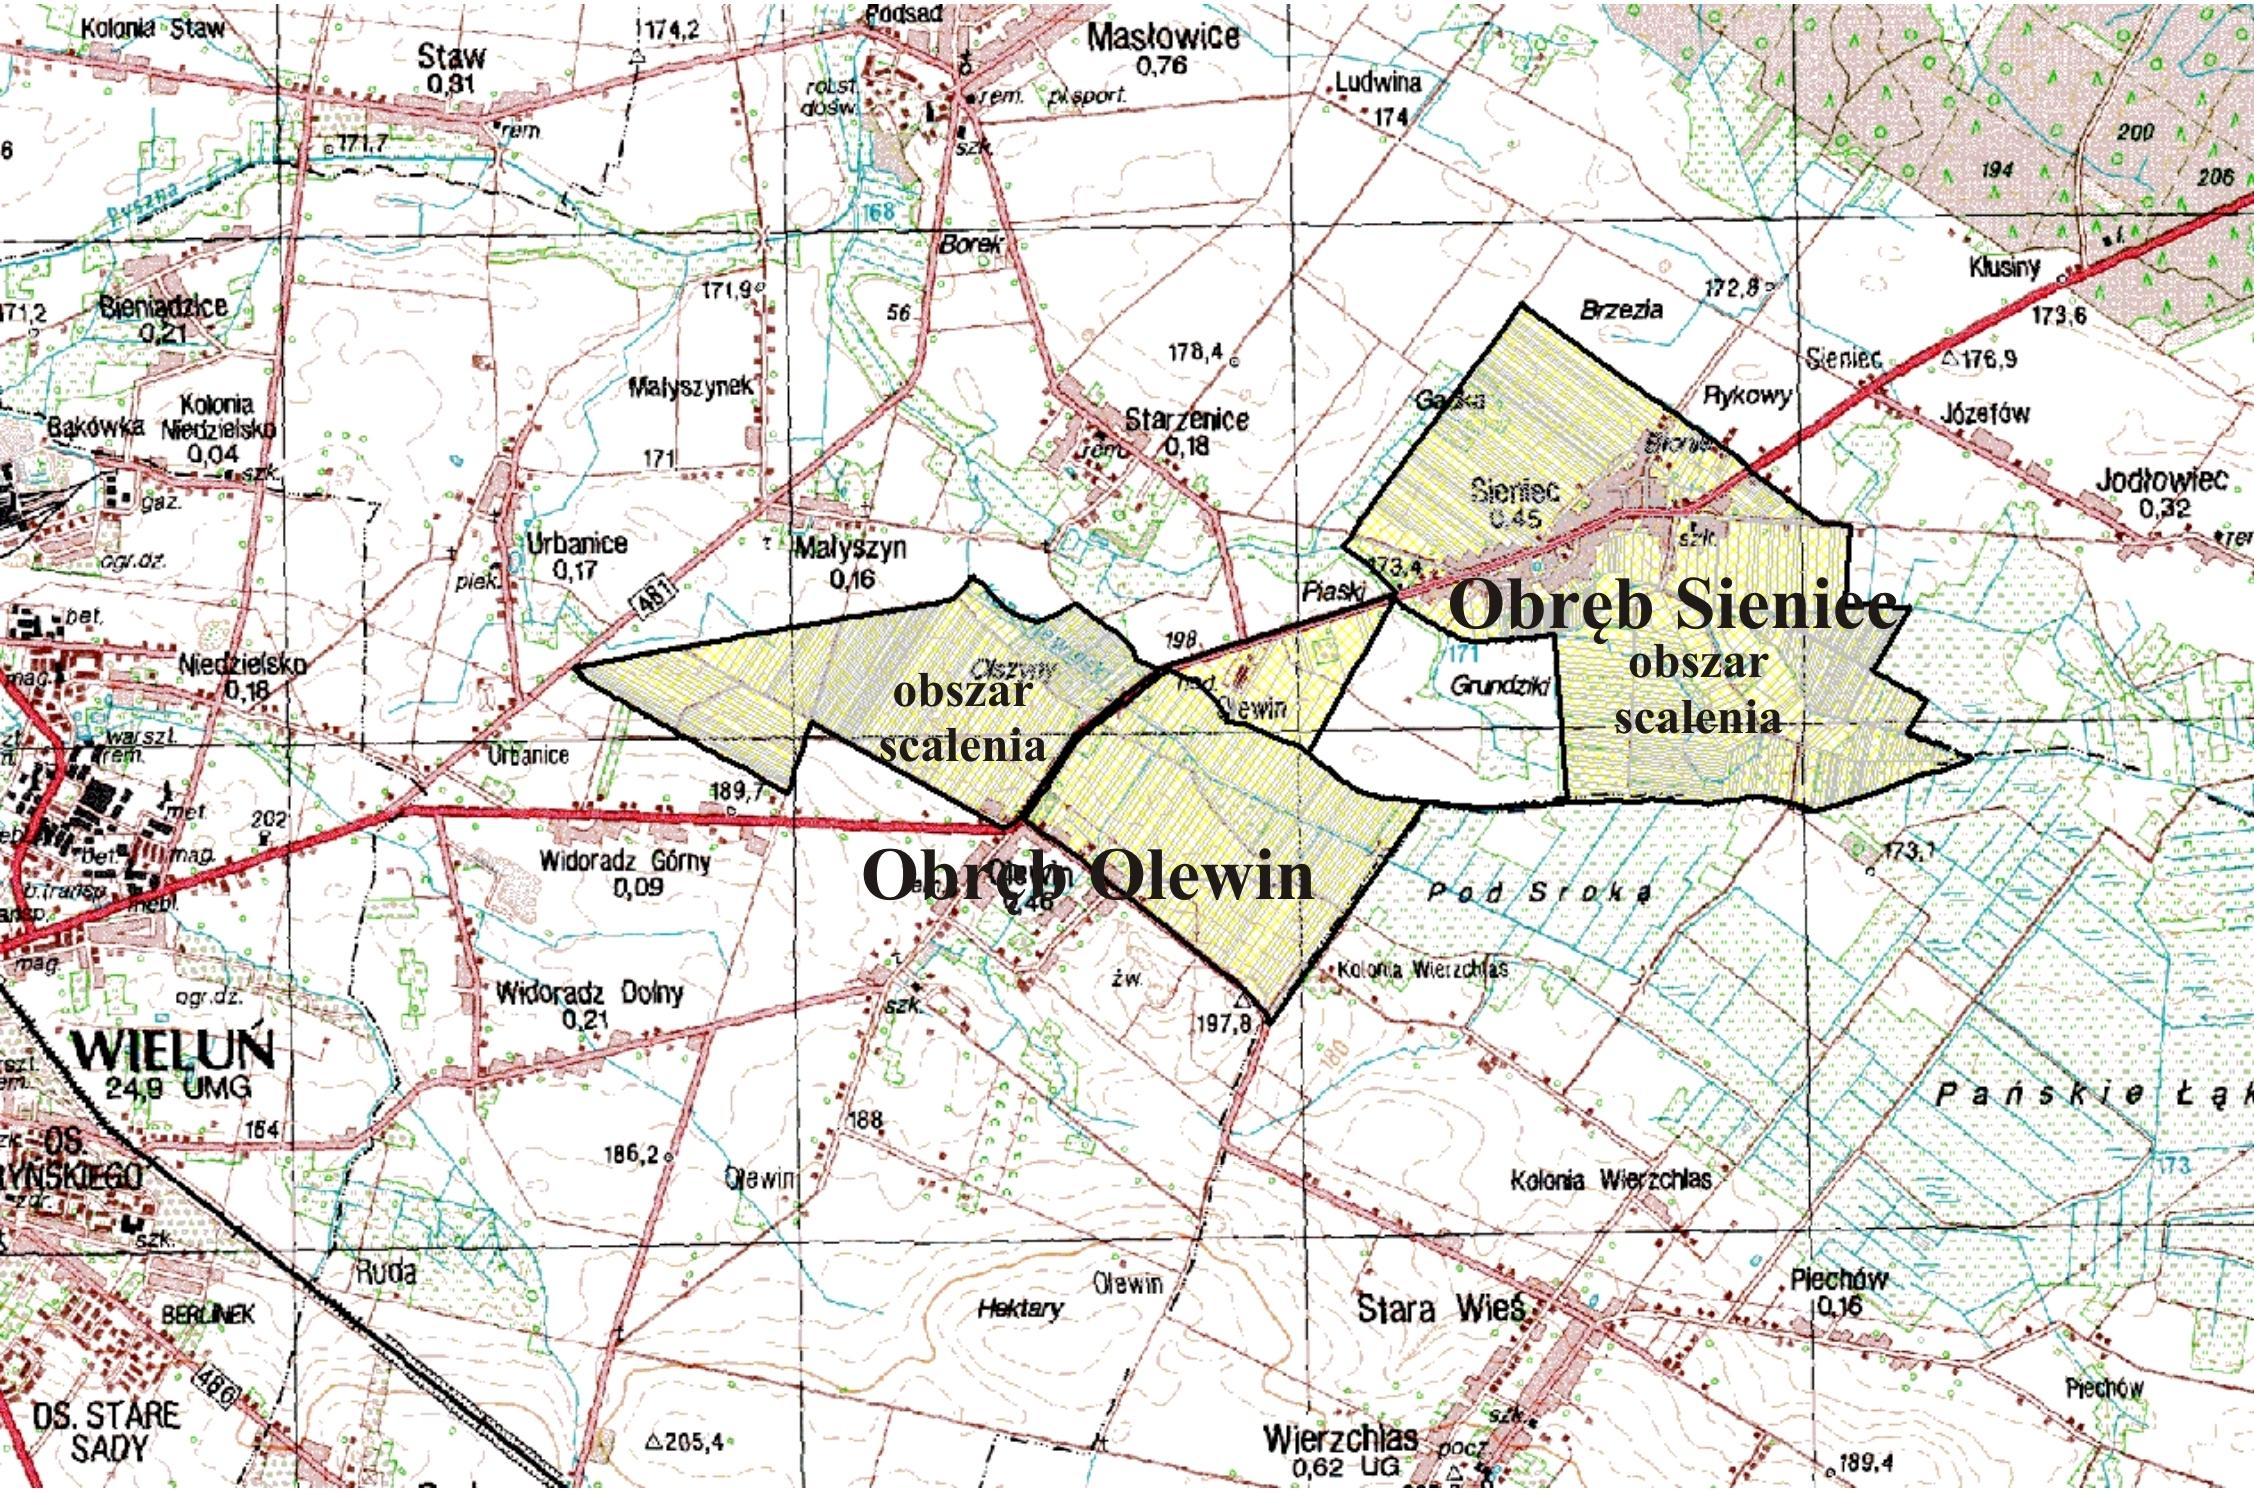 prow 2014-2020 - obiekt scaleniowy Olewin-Sieniec